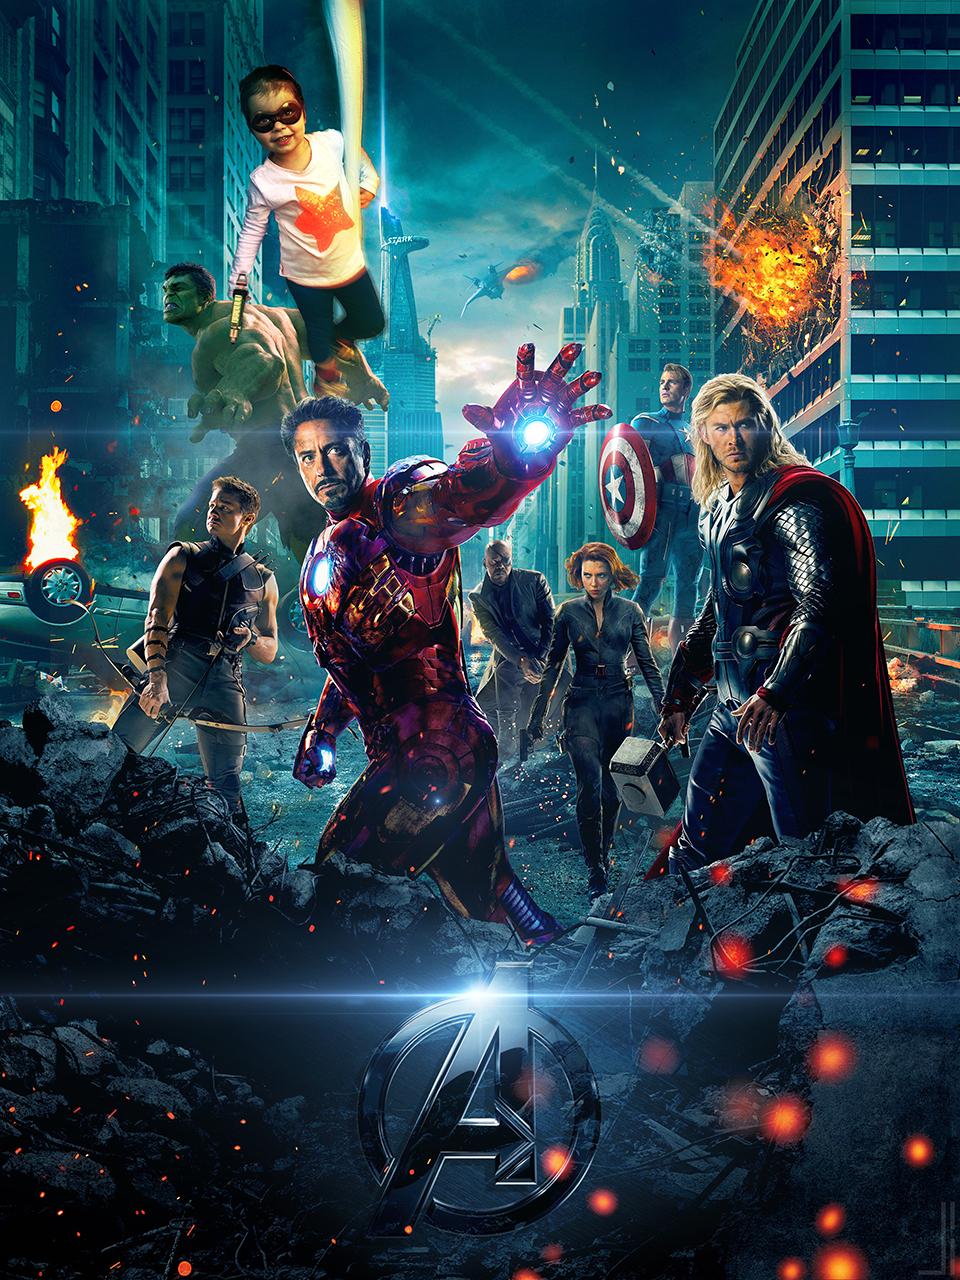 Fotobewerking-jbax-Joris-Bax-Avengers-Na.jpg